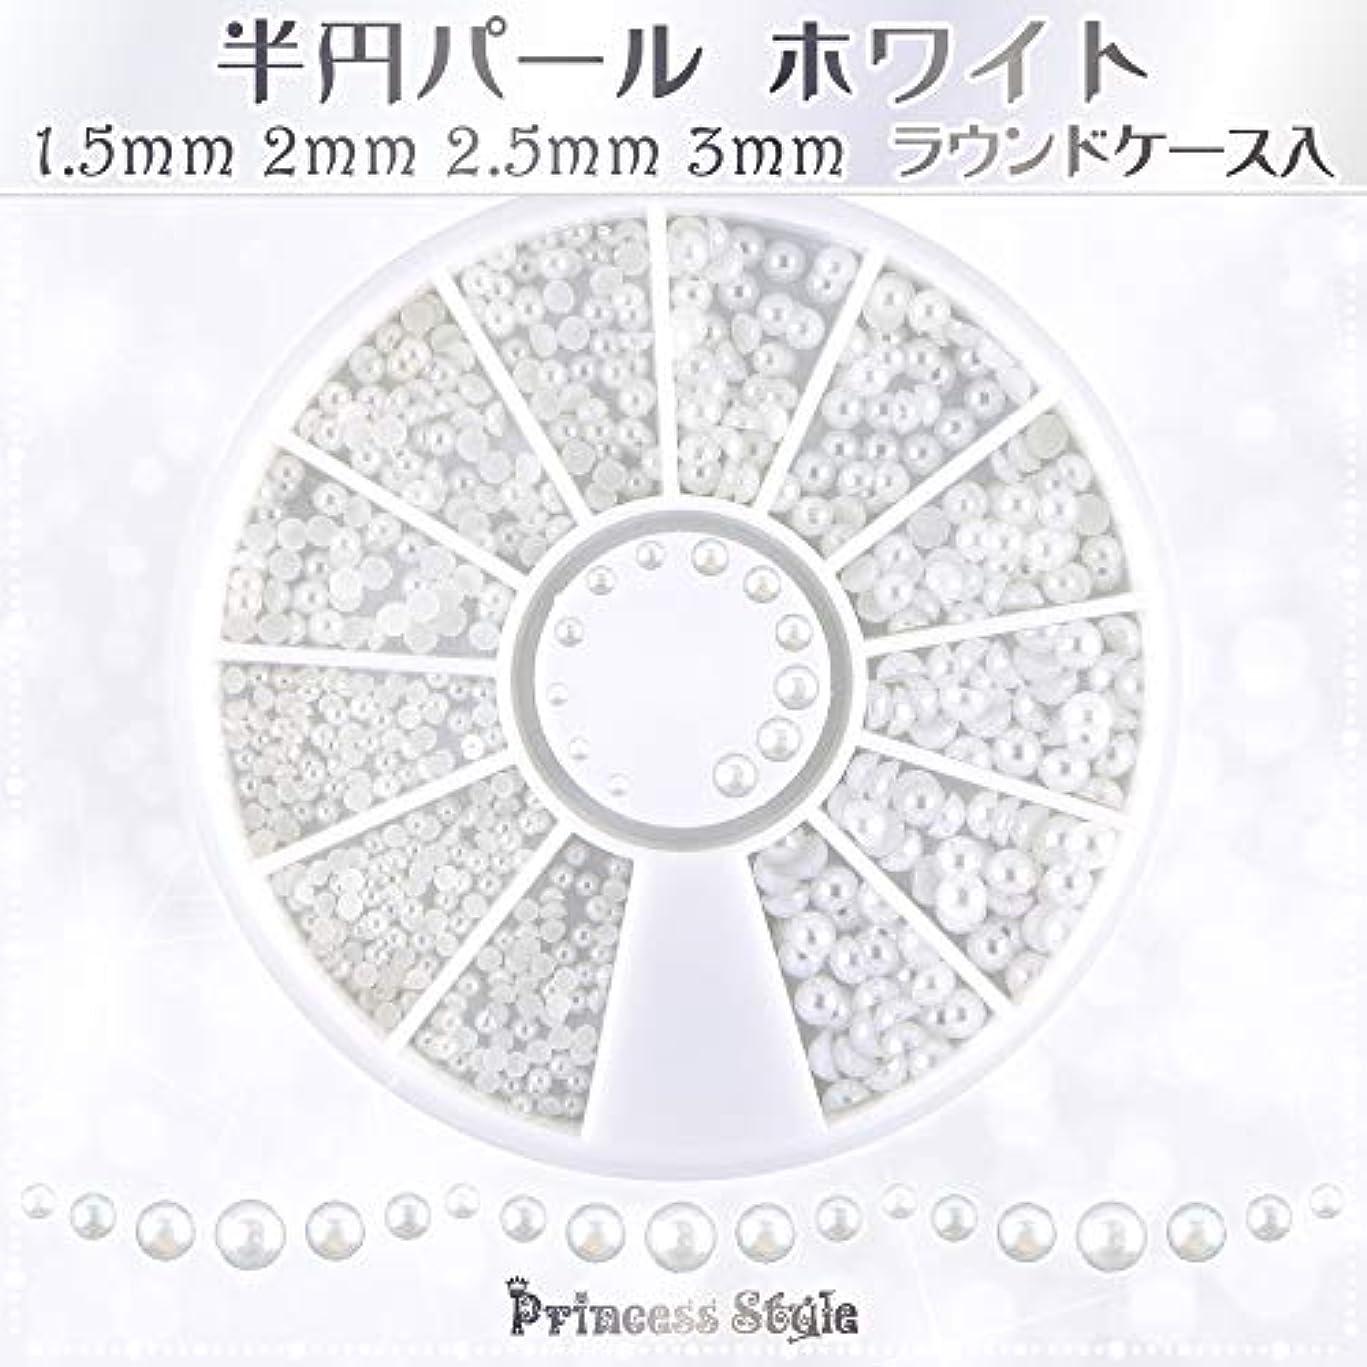 キルトすなわち巡礼者半円パール ホワイト ネイル デコ用 1.5mm,2mm,2.5mm,3mm ラウンドケース入